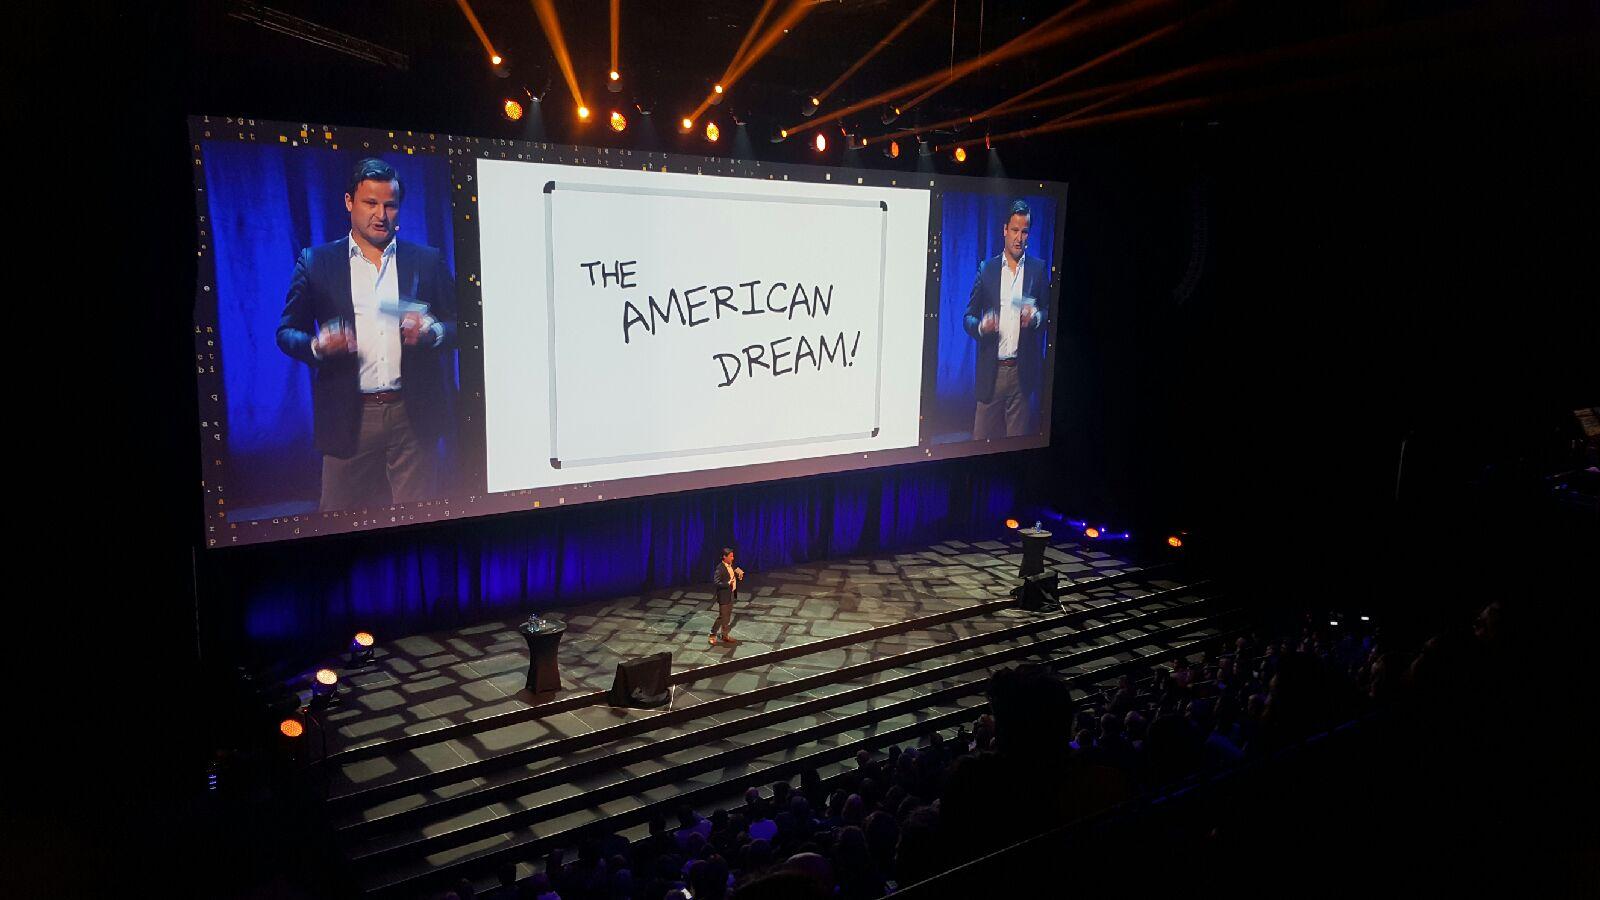 Are-Gultaggen-Entrepreneur-American-Drea